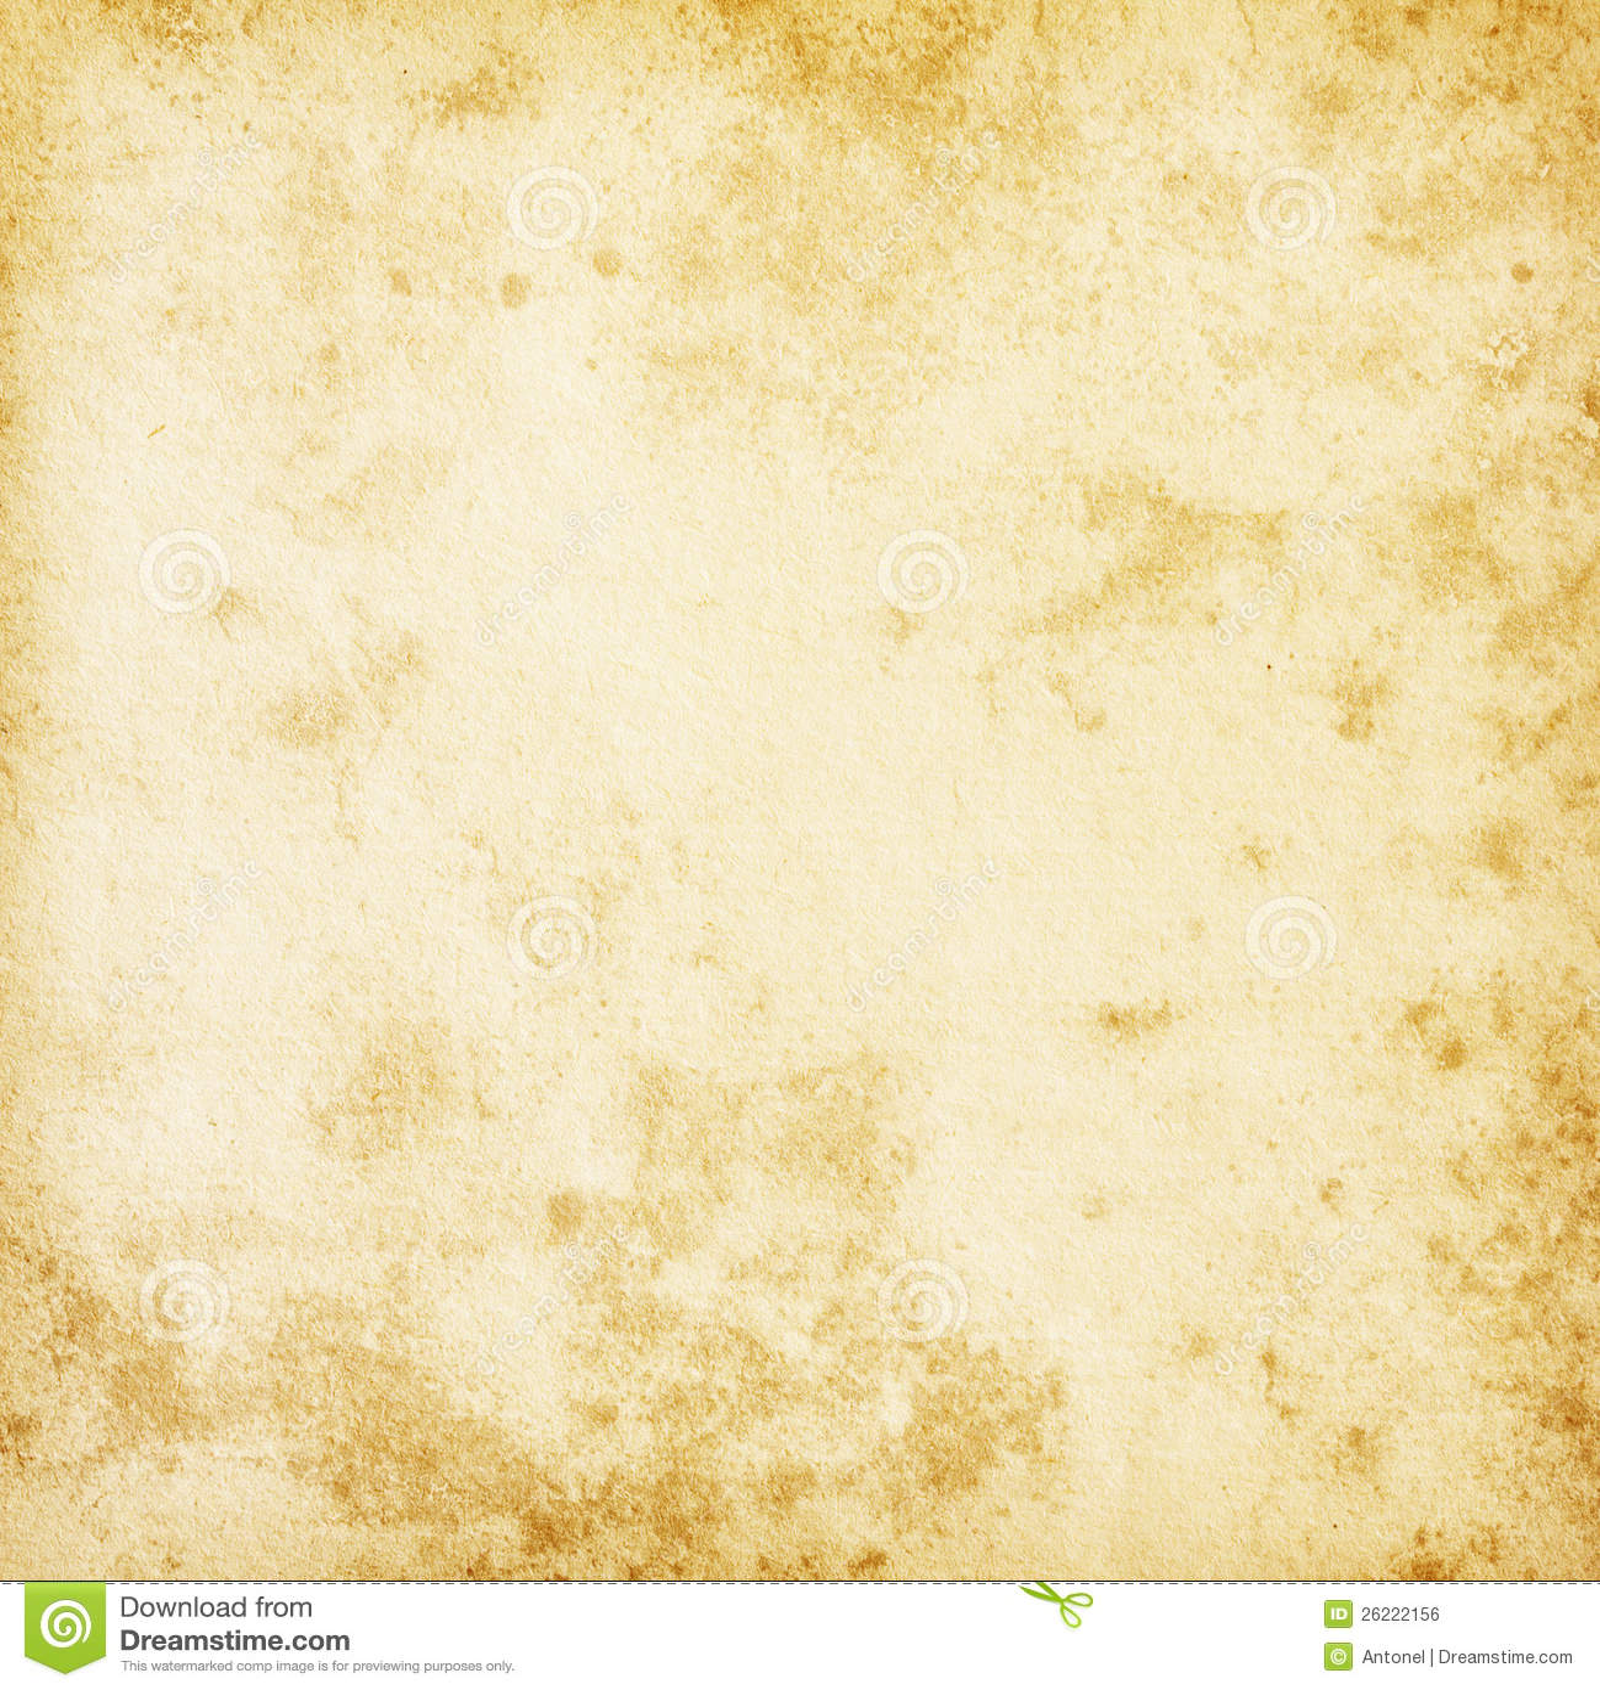 Beige Background Royalty Free Stock Image Image 26222156